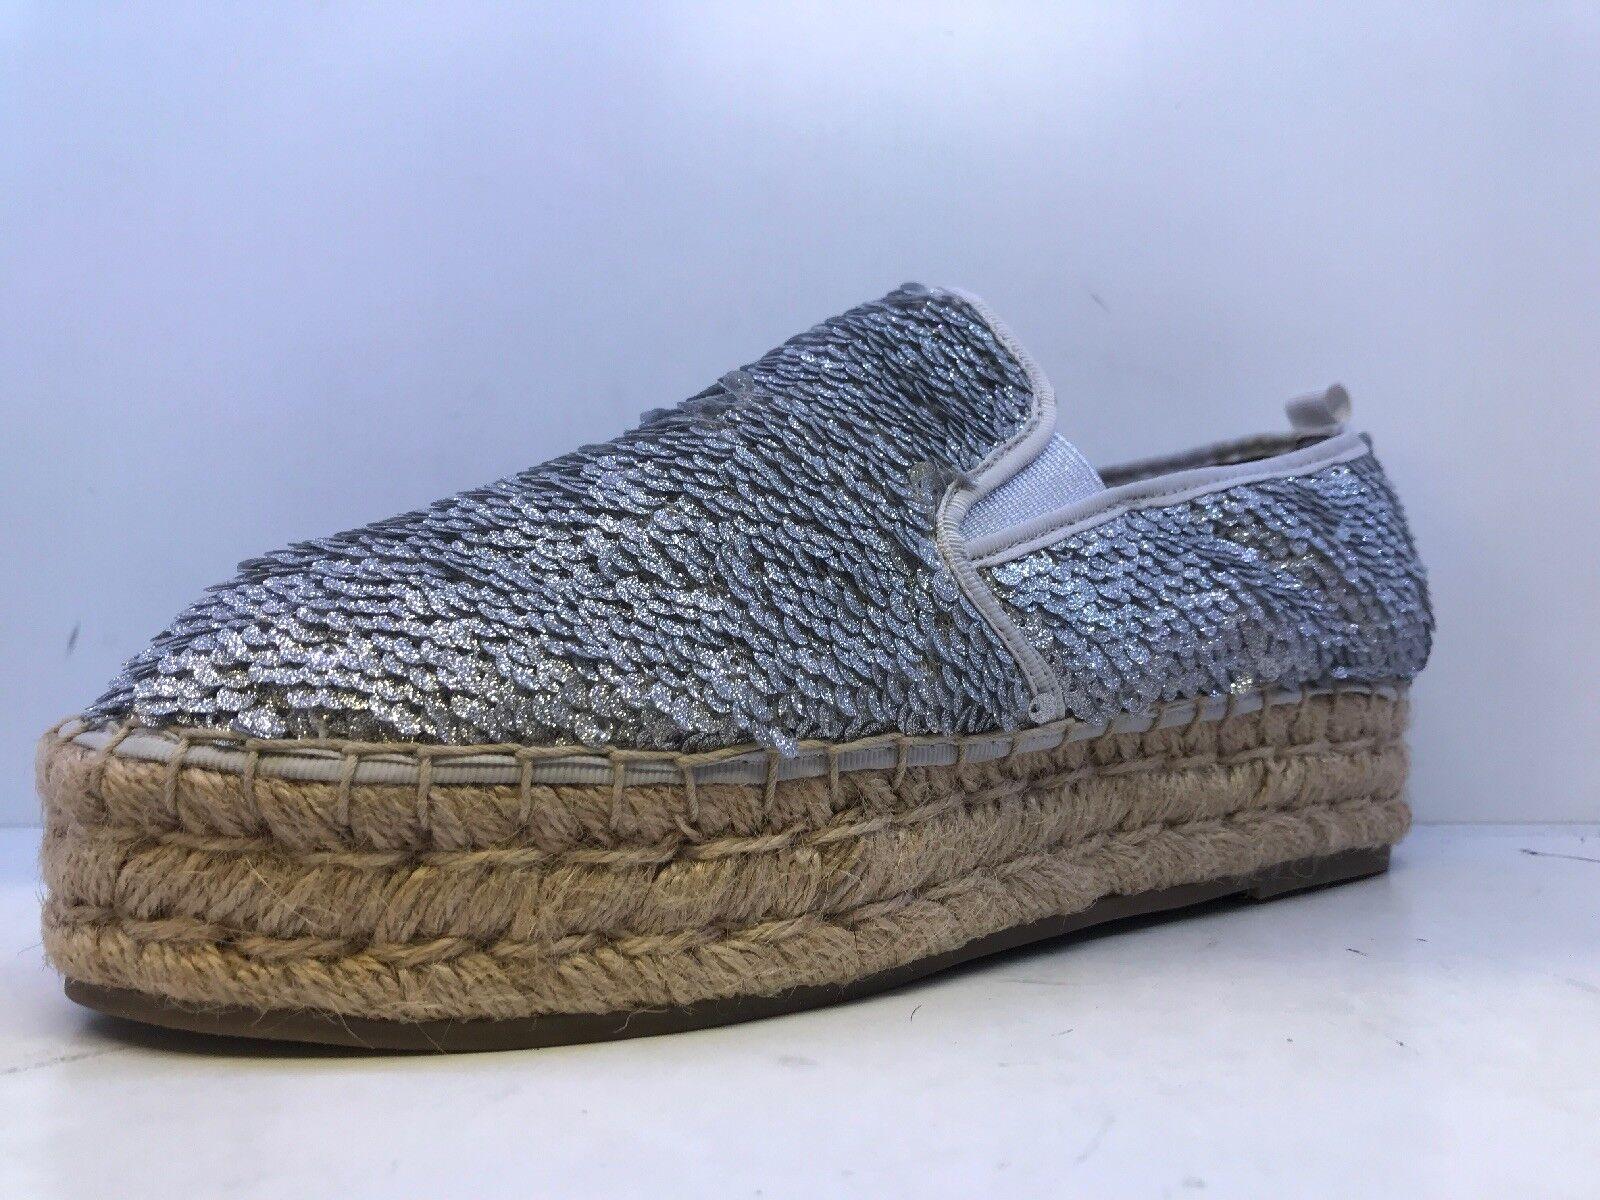 7426a56a864f8f Steve Madden Poppi Femmes argent pailletées Espadrilles Chaussures UK  Taille Taille Taille 6 | Jolie Et Colorée 21c9a3